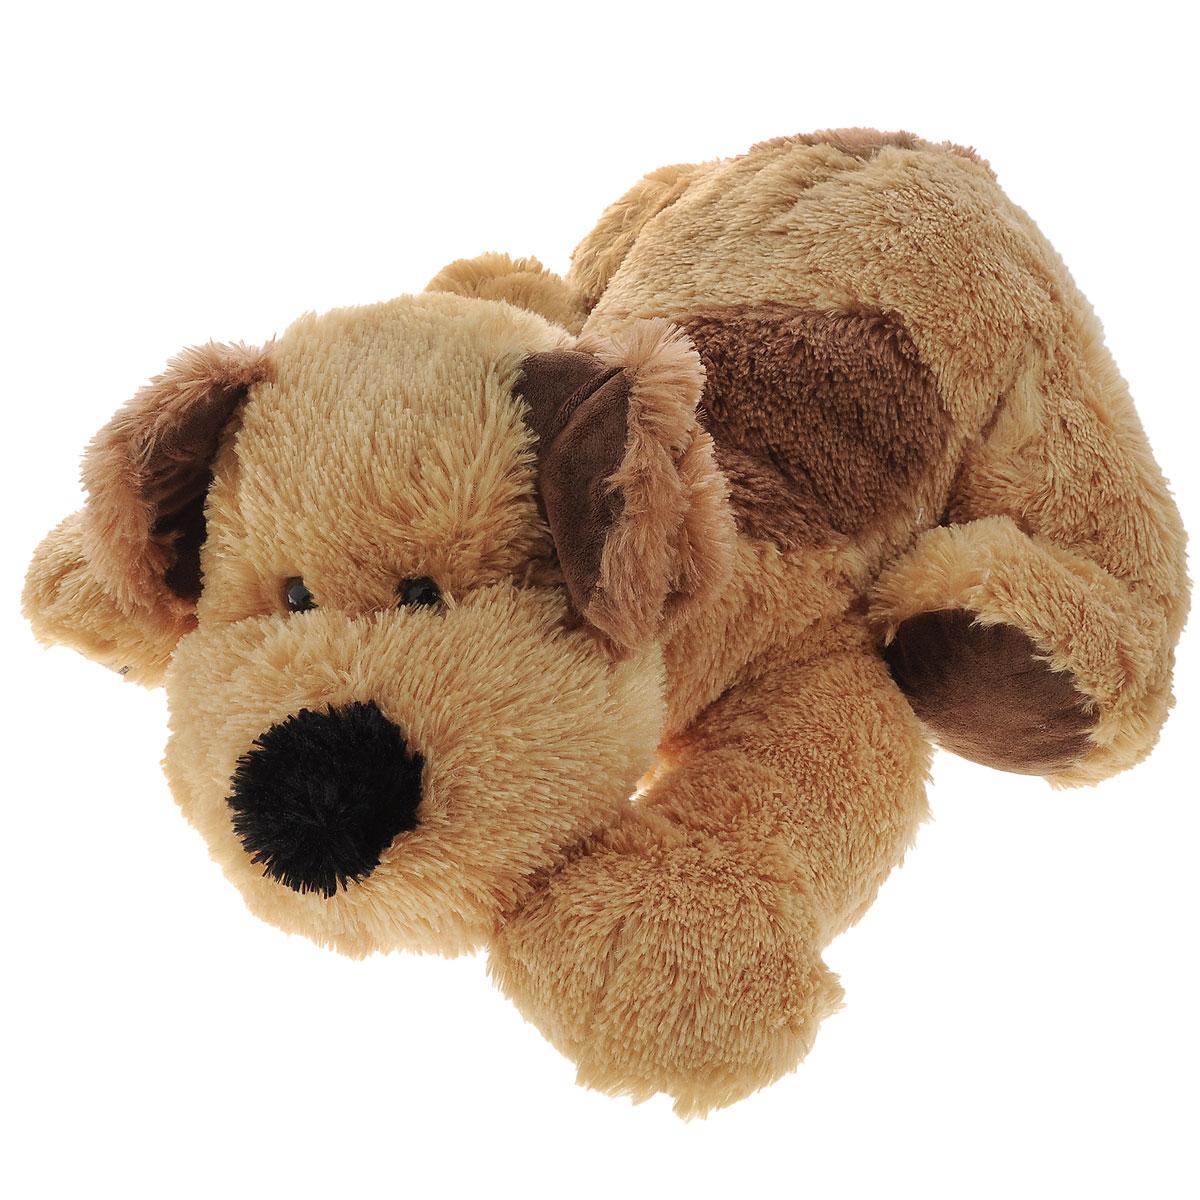 Plush Apple Мягкая игрушка Собака Барбос, 66 смKF31254B,K09252AМягкая игрушка Plush Apple Собака Барбос отлично подойдет в качестве подарка для ребенка или взрослого. Большая плюшевая собачка произведена из безопасных и высококачественных материалов. У нее пушистая приятная шерстка с темно-коричневым пятнышком на спинке, карие глаза-бусинки и большие лапы. Удивительно мягкая игрушка принесет радость своему обладателю, а также подарит много сладких снов и хорошее настроение.